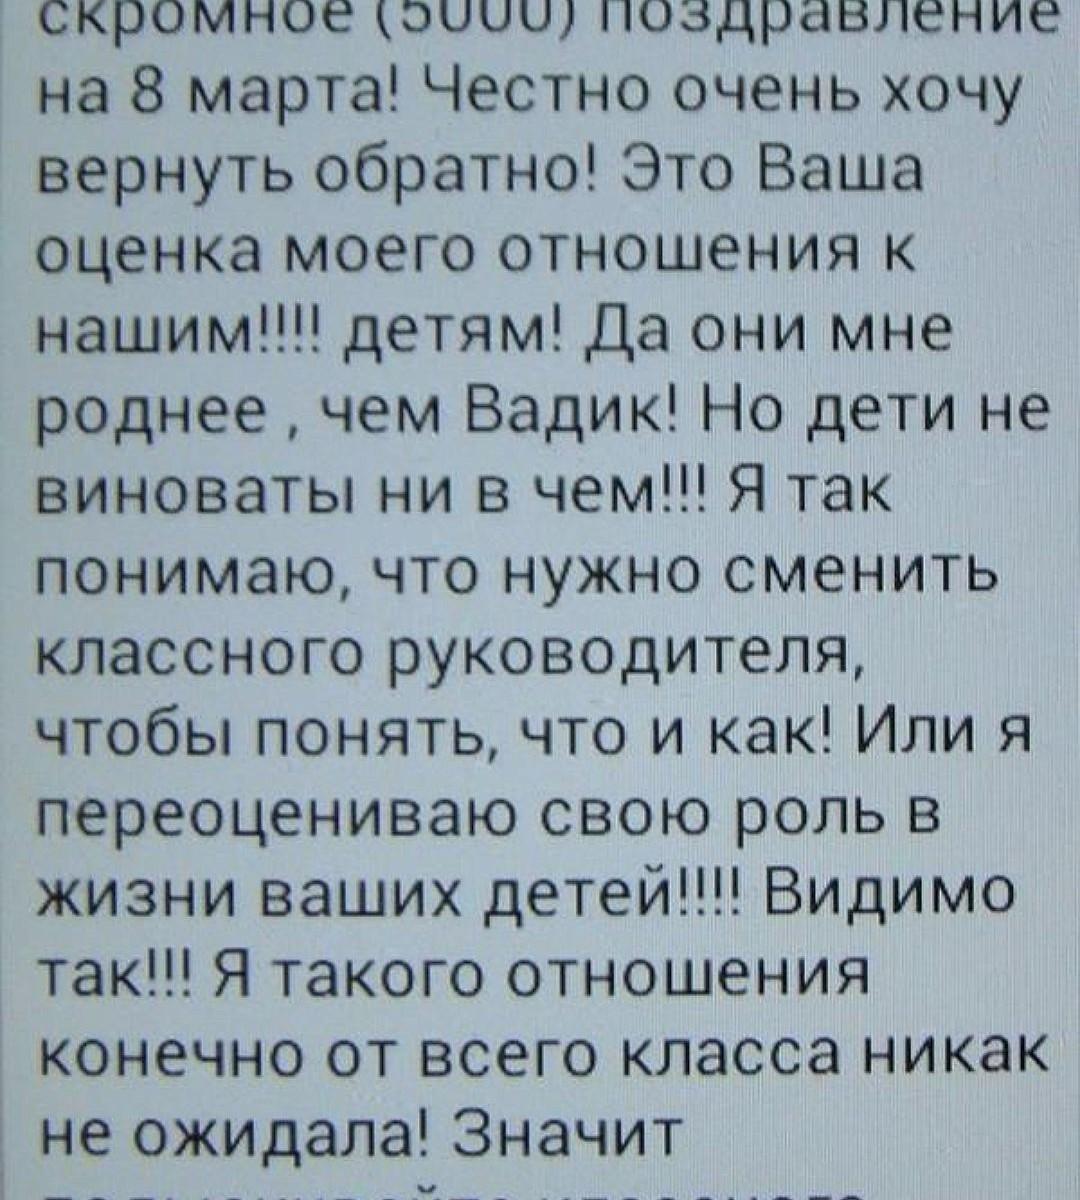 В Сочи учительница уволилась после претензий к родителям из-за скромного подарка на 8 марта